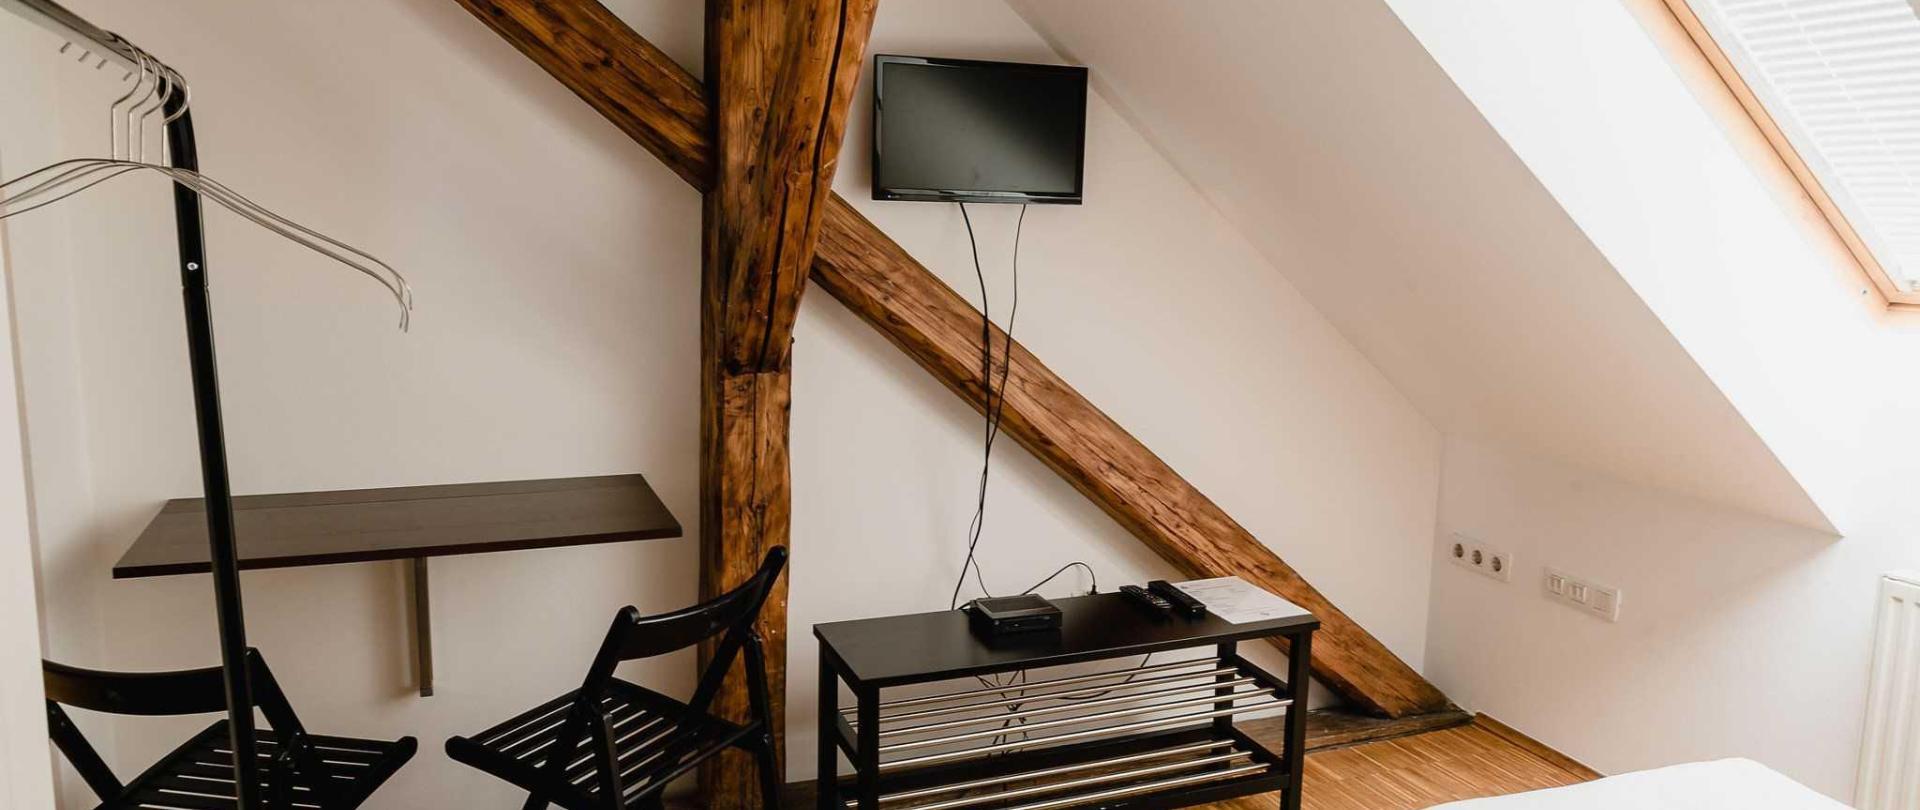 atticus-0147.jpg